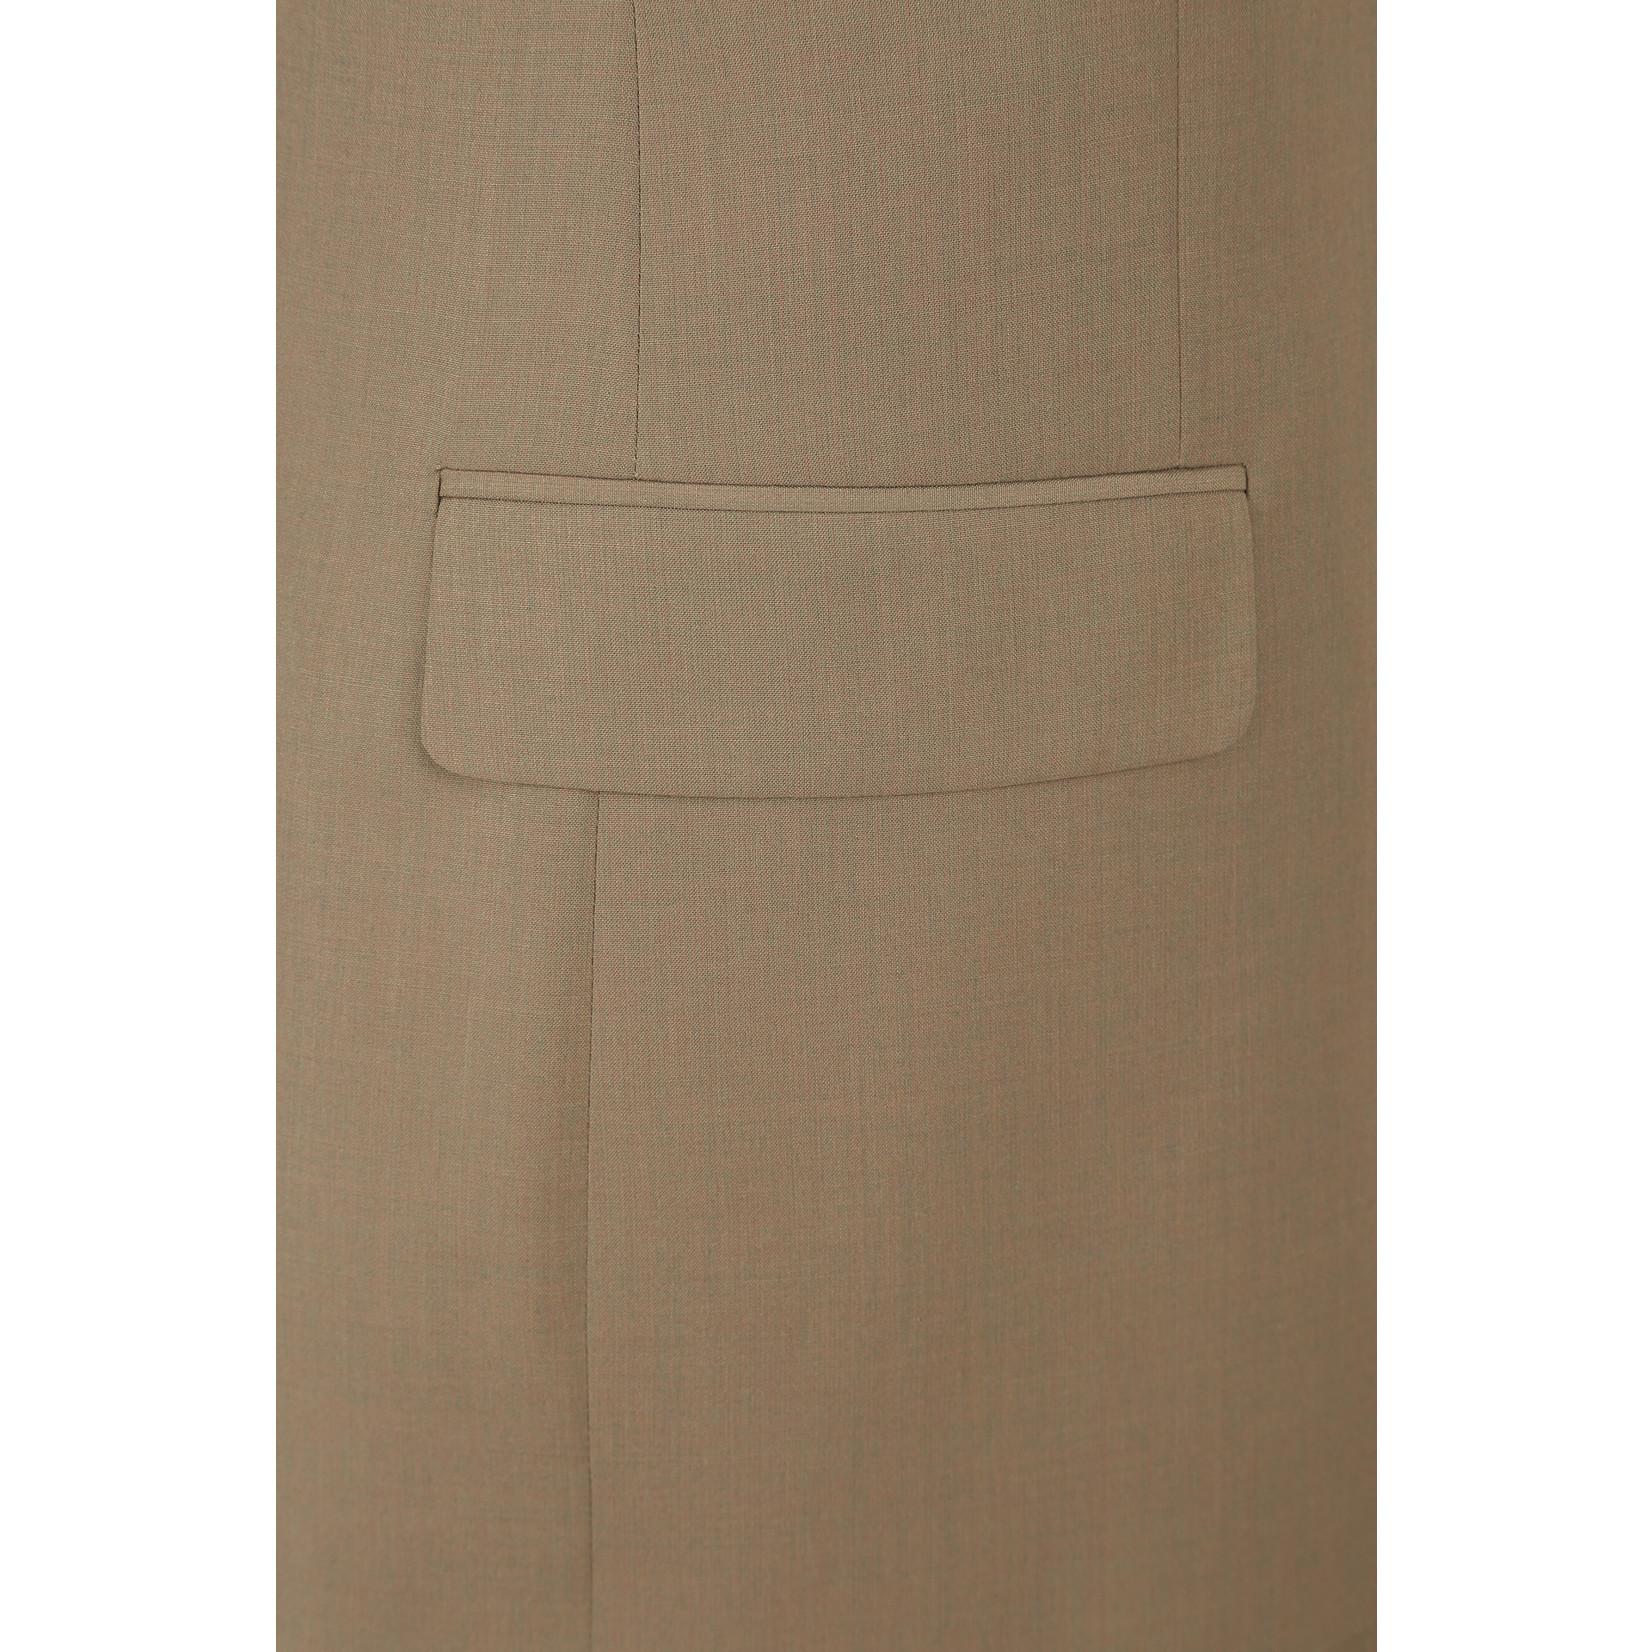 Renoir Renoir Slim Fit Suit 2105-5 Tan